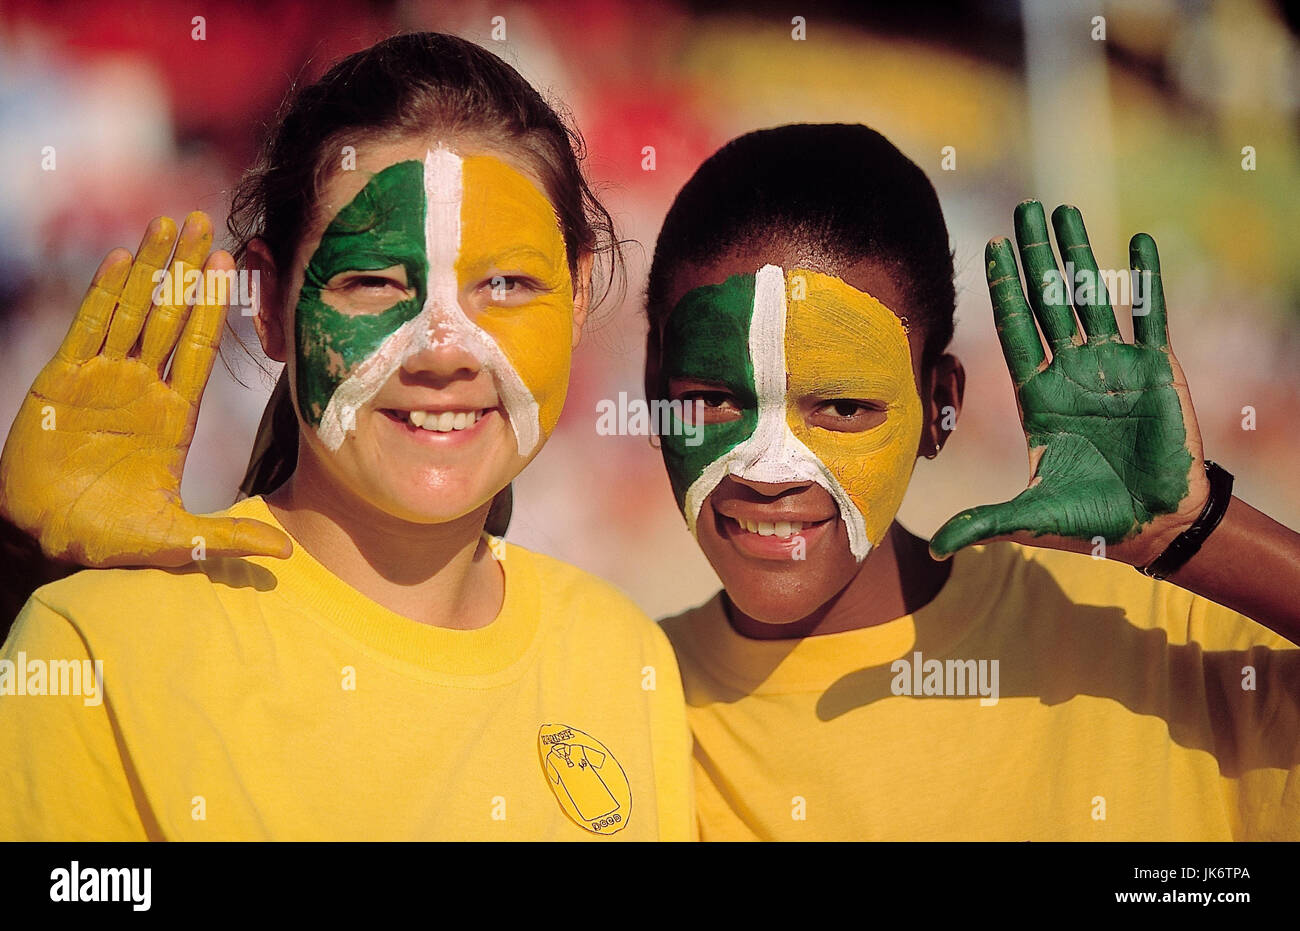 Großartig Gesicht Bemalen Foto Von Namibia, Windhuk, Schulkinder, Gesicht, Bemalung, Nationalfarben, Gestik,